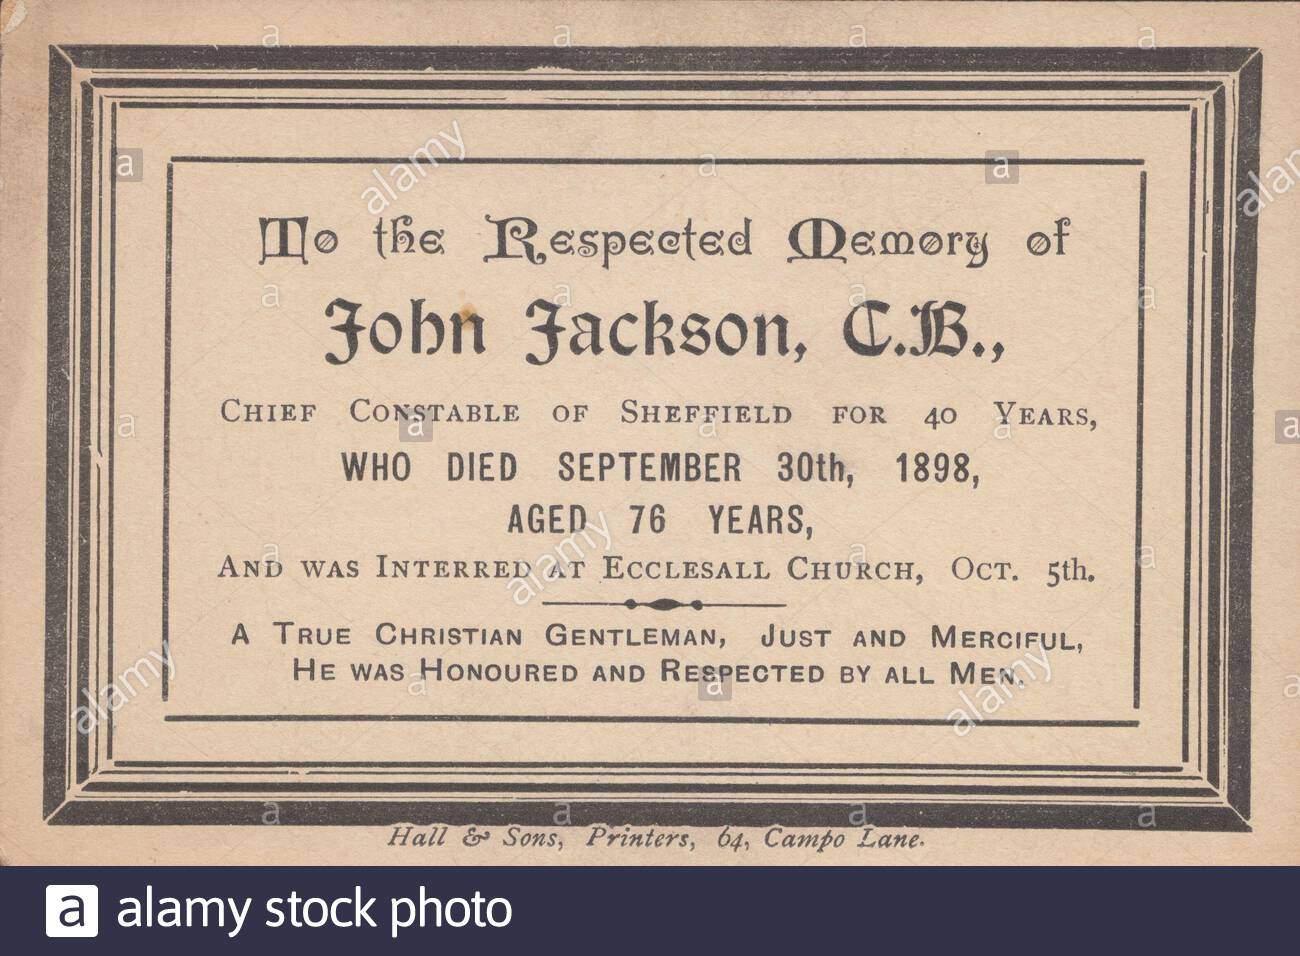 in memoriam karte fur john jackson cb der polizeichef von sheffield fur 40 jahre starb am 30 september 1898 im alter von 76 jahren und wurde beerdigt in ecclesall kirche oct 5 2adyw8c